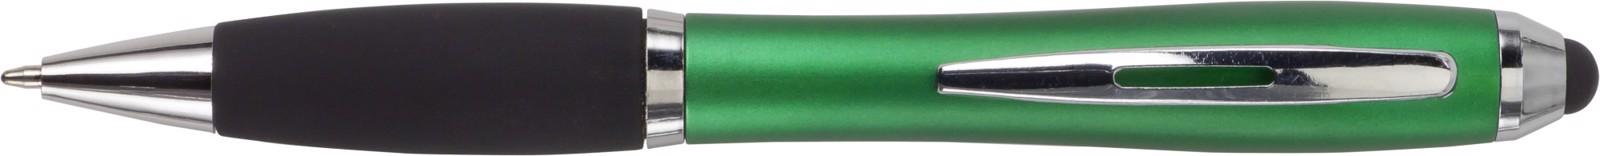 Kugelschreiber 'Bristol' aus Kunststoff - Green